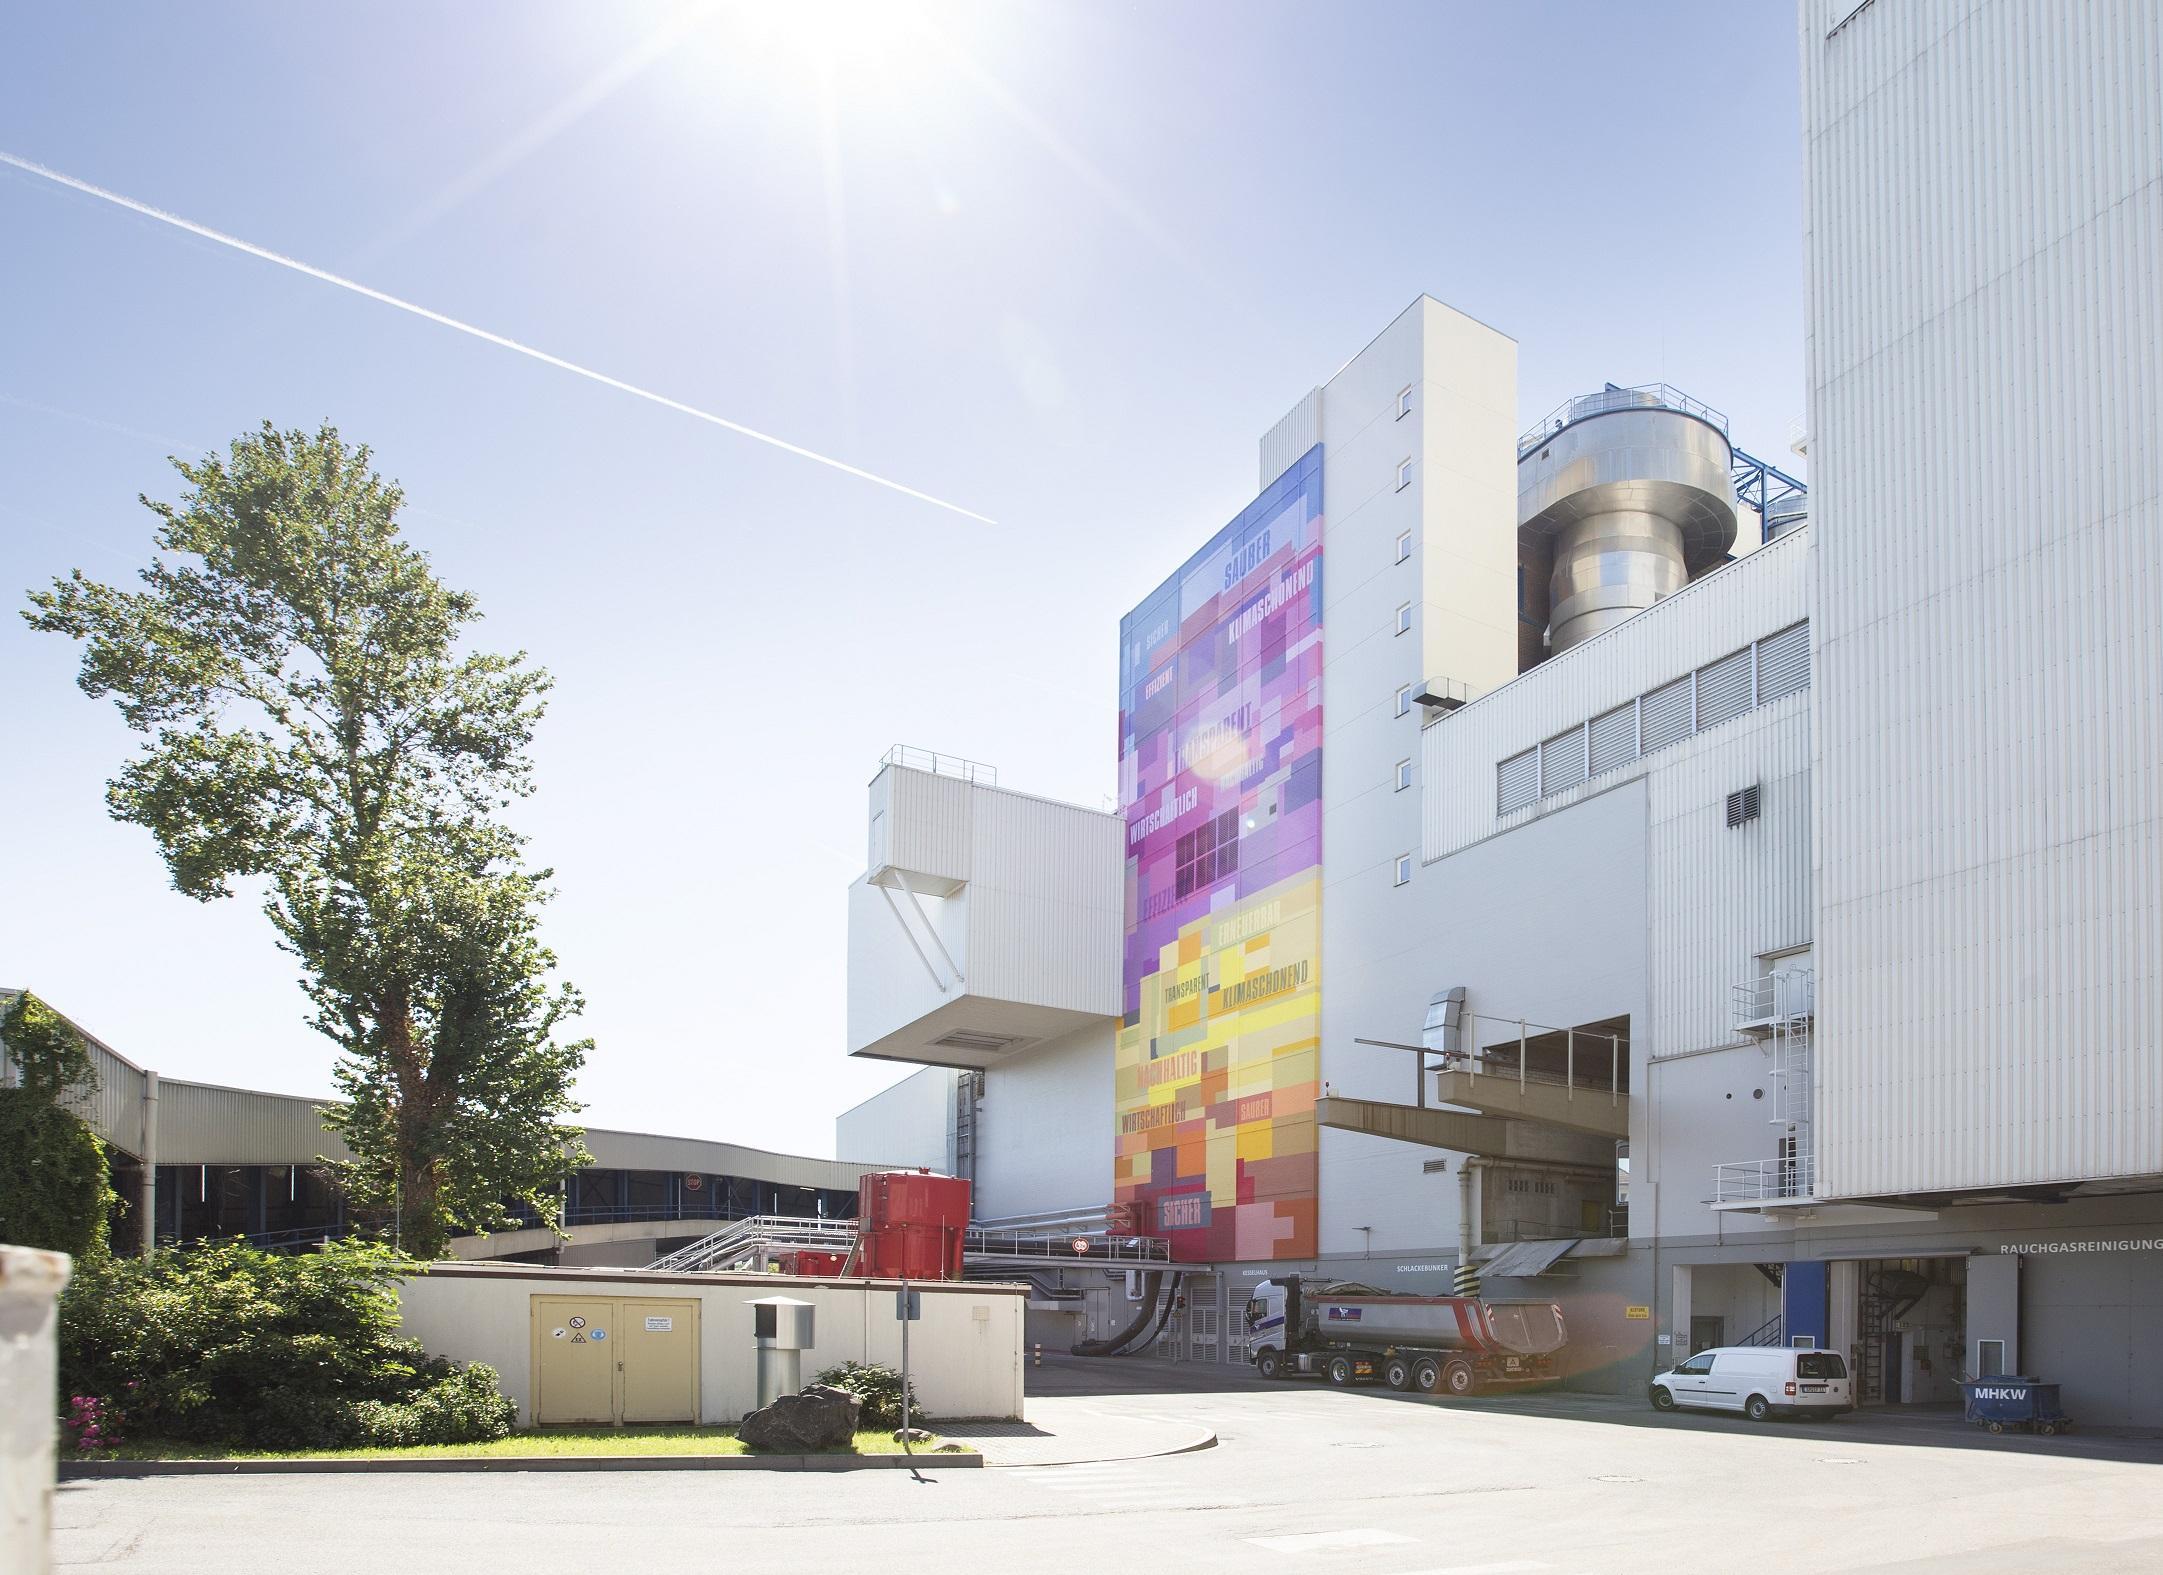 GML_Ludwigshafen_Design_Fassade_Nord